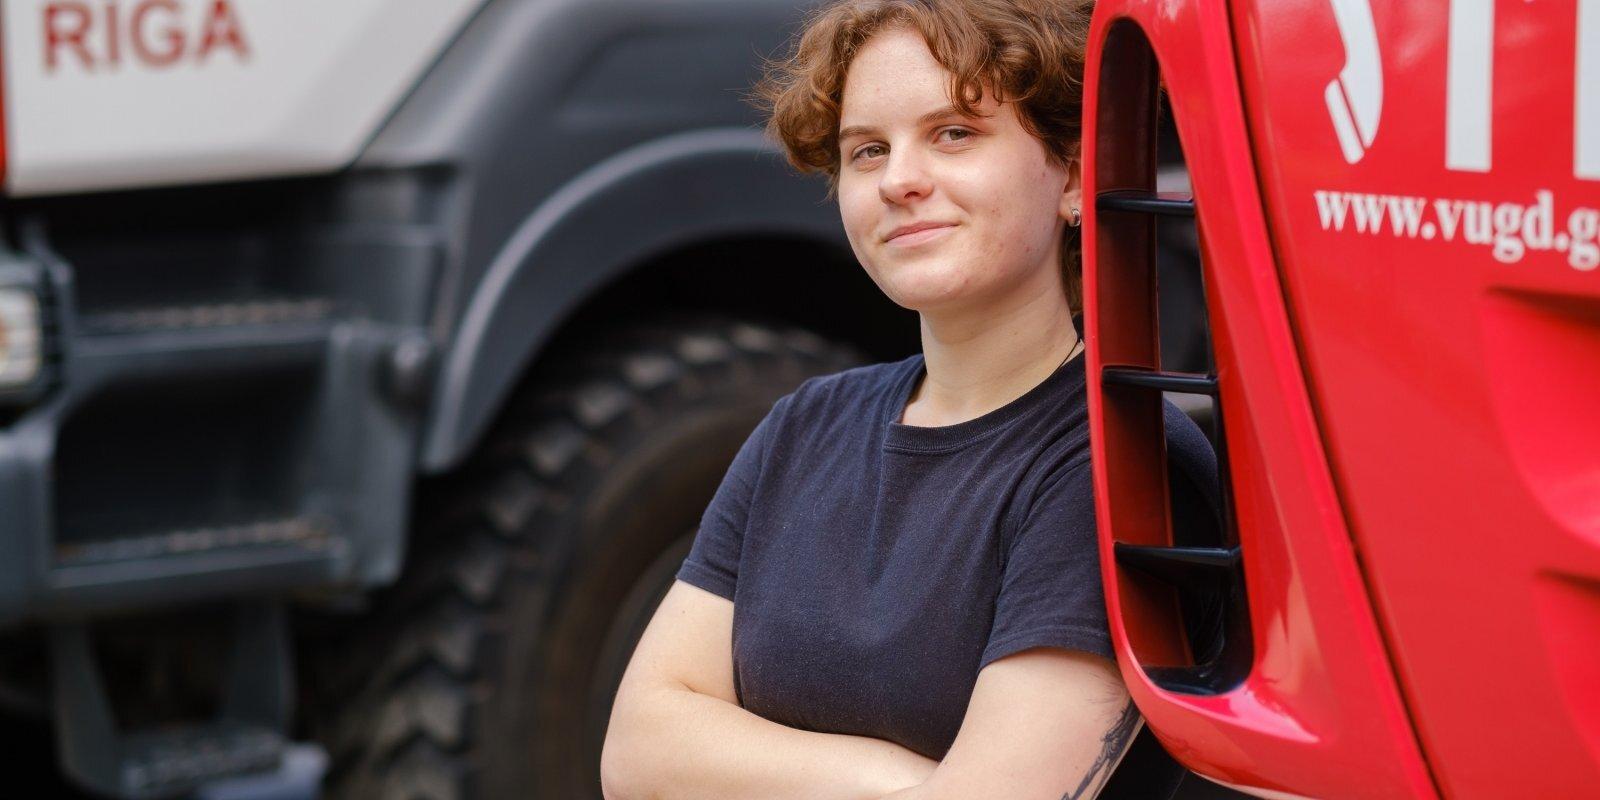 'Ideja nāca no mammas'. Kā Elīna Bērziņa nonāca līdz ugunsdzēsēja glābēja profesijai